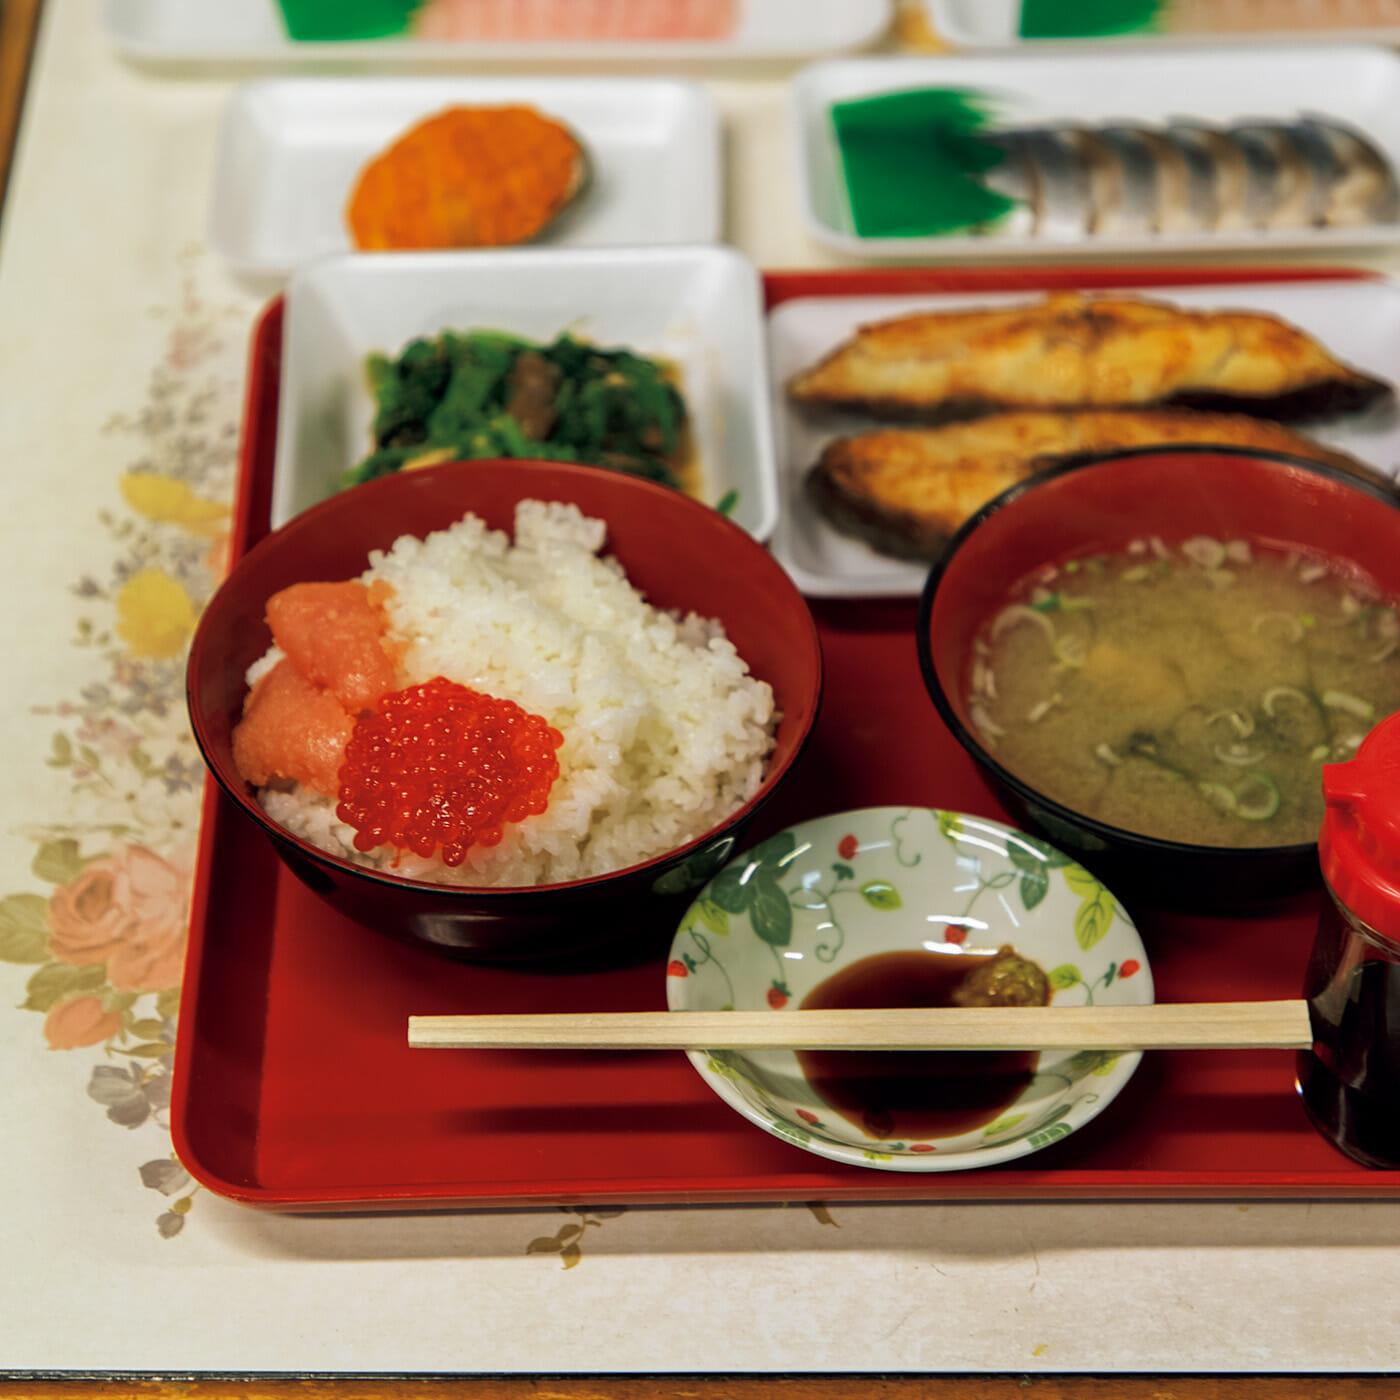 〈朝めし処 魚菜〉のご飯は¥100、味噌汁は¥200〜。刺し身は1パック¥200台が中心。売り場の営業は3時〜15時(店舗により異なる)。